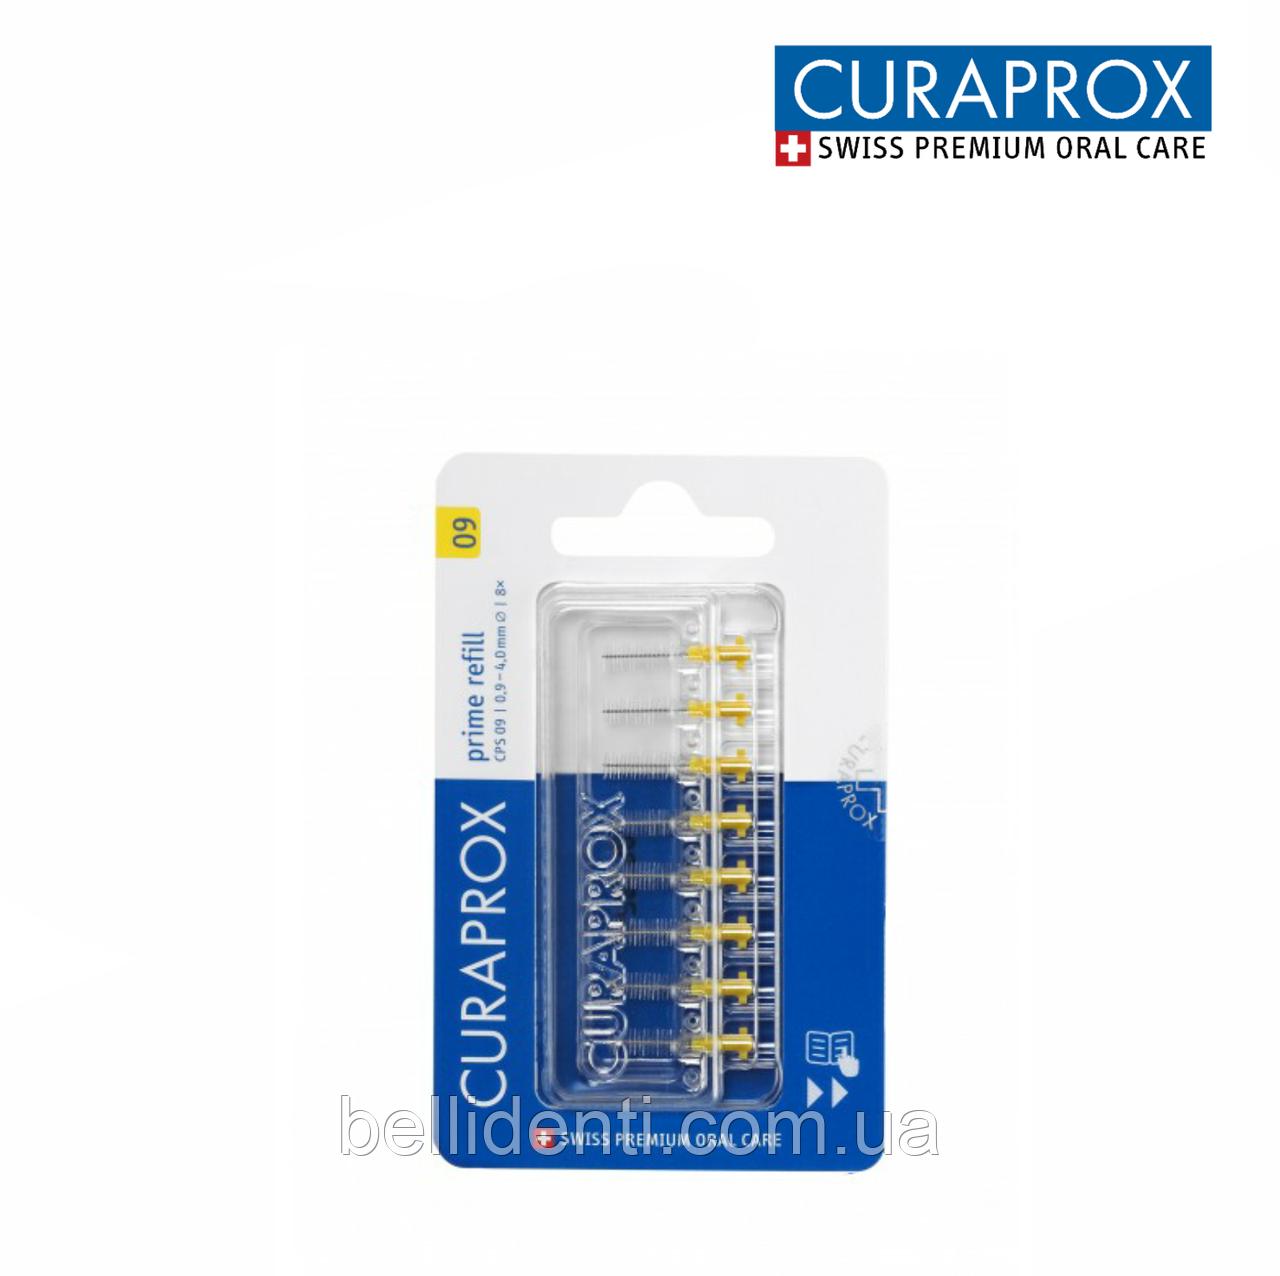 Набор межзубных ершиков Curaprox Prime Refill (без держателя) d 0,9 мм, 8 шт